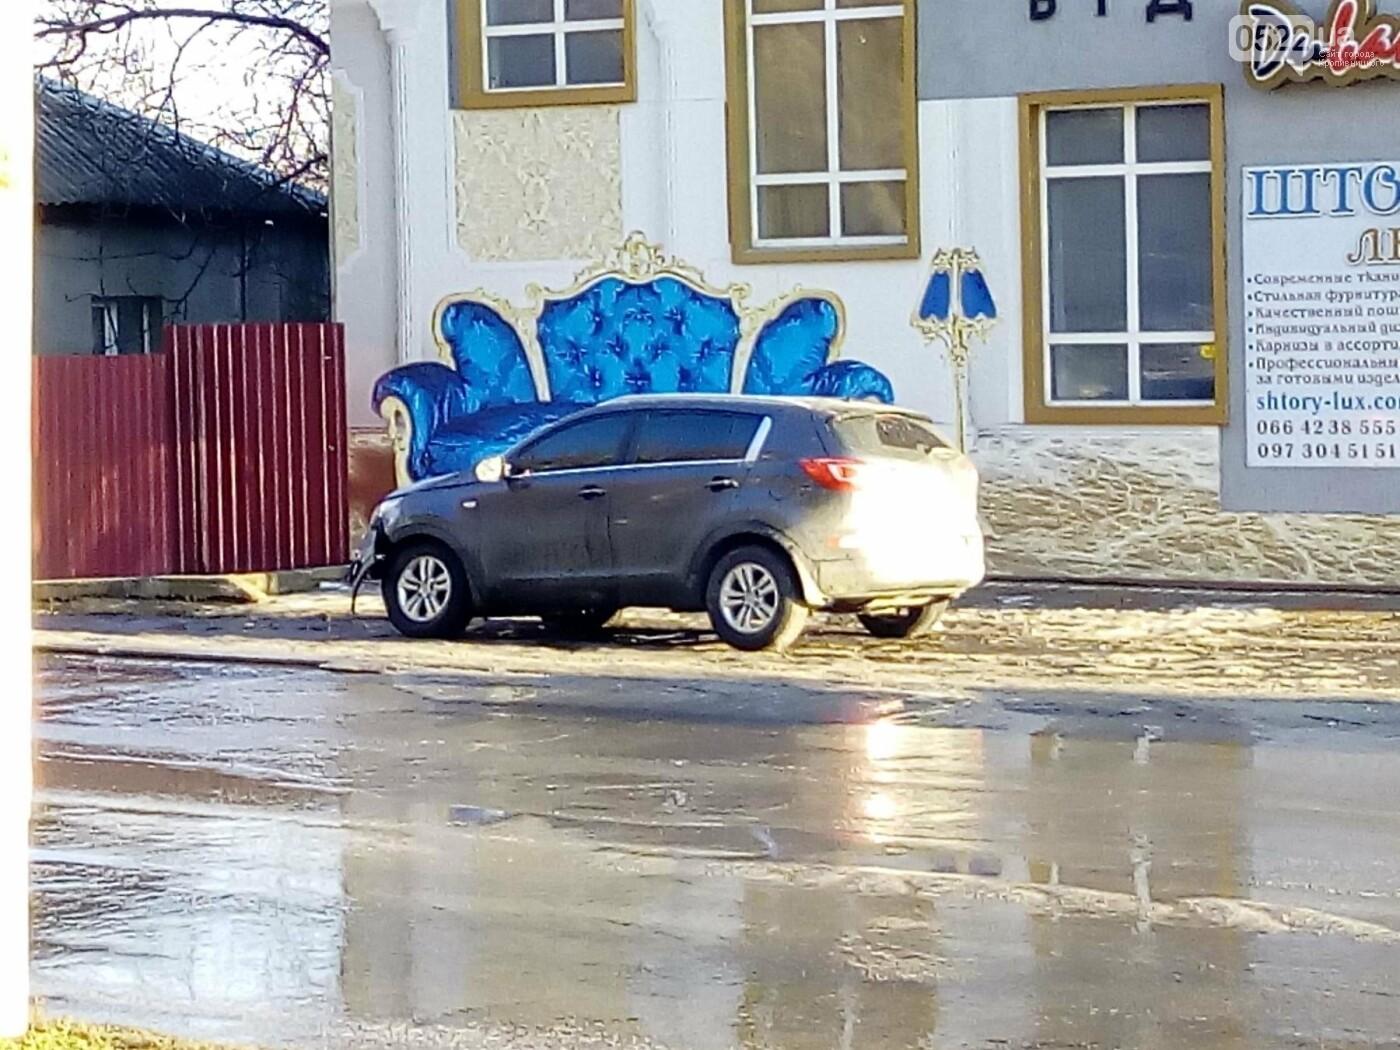 ДТП в Кропивницком: кроссовер сбил дорожный знак. ФОТО, фото-1